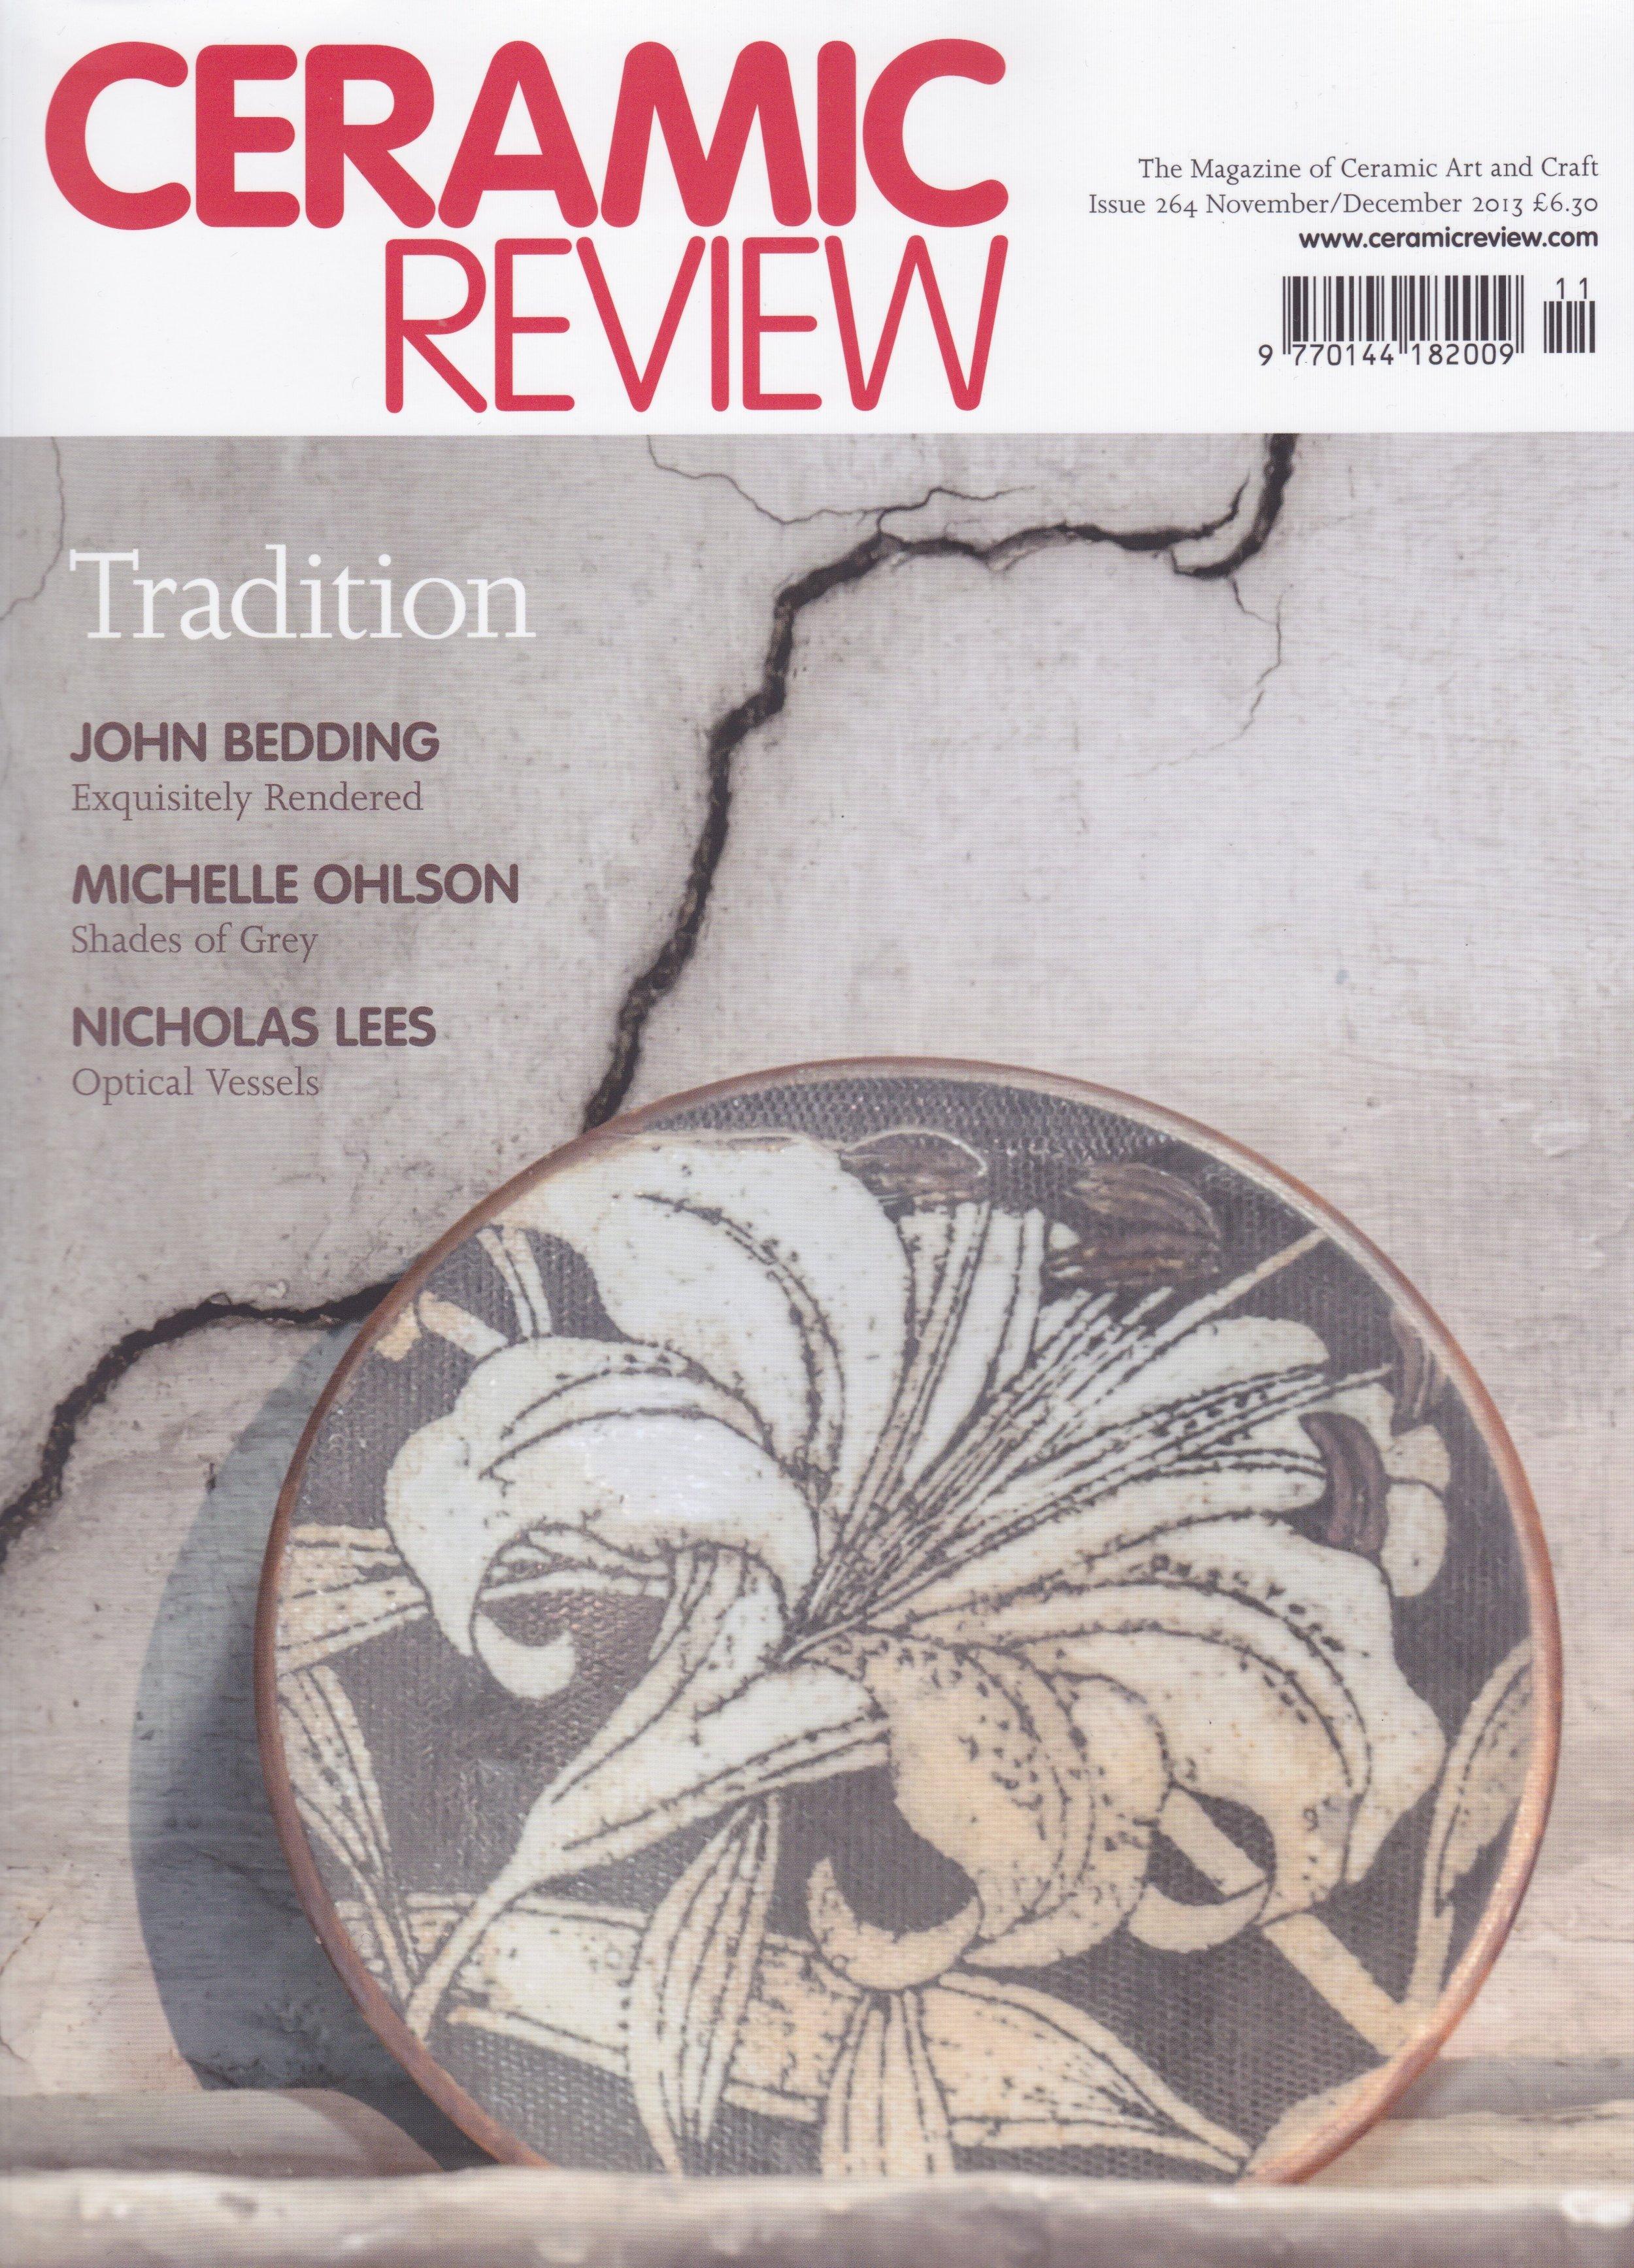 2013 Nov_Dec Ceramic Review Cover.jpeg